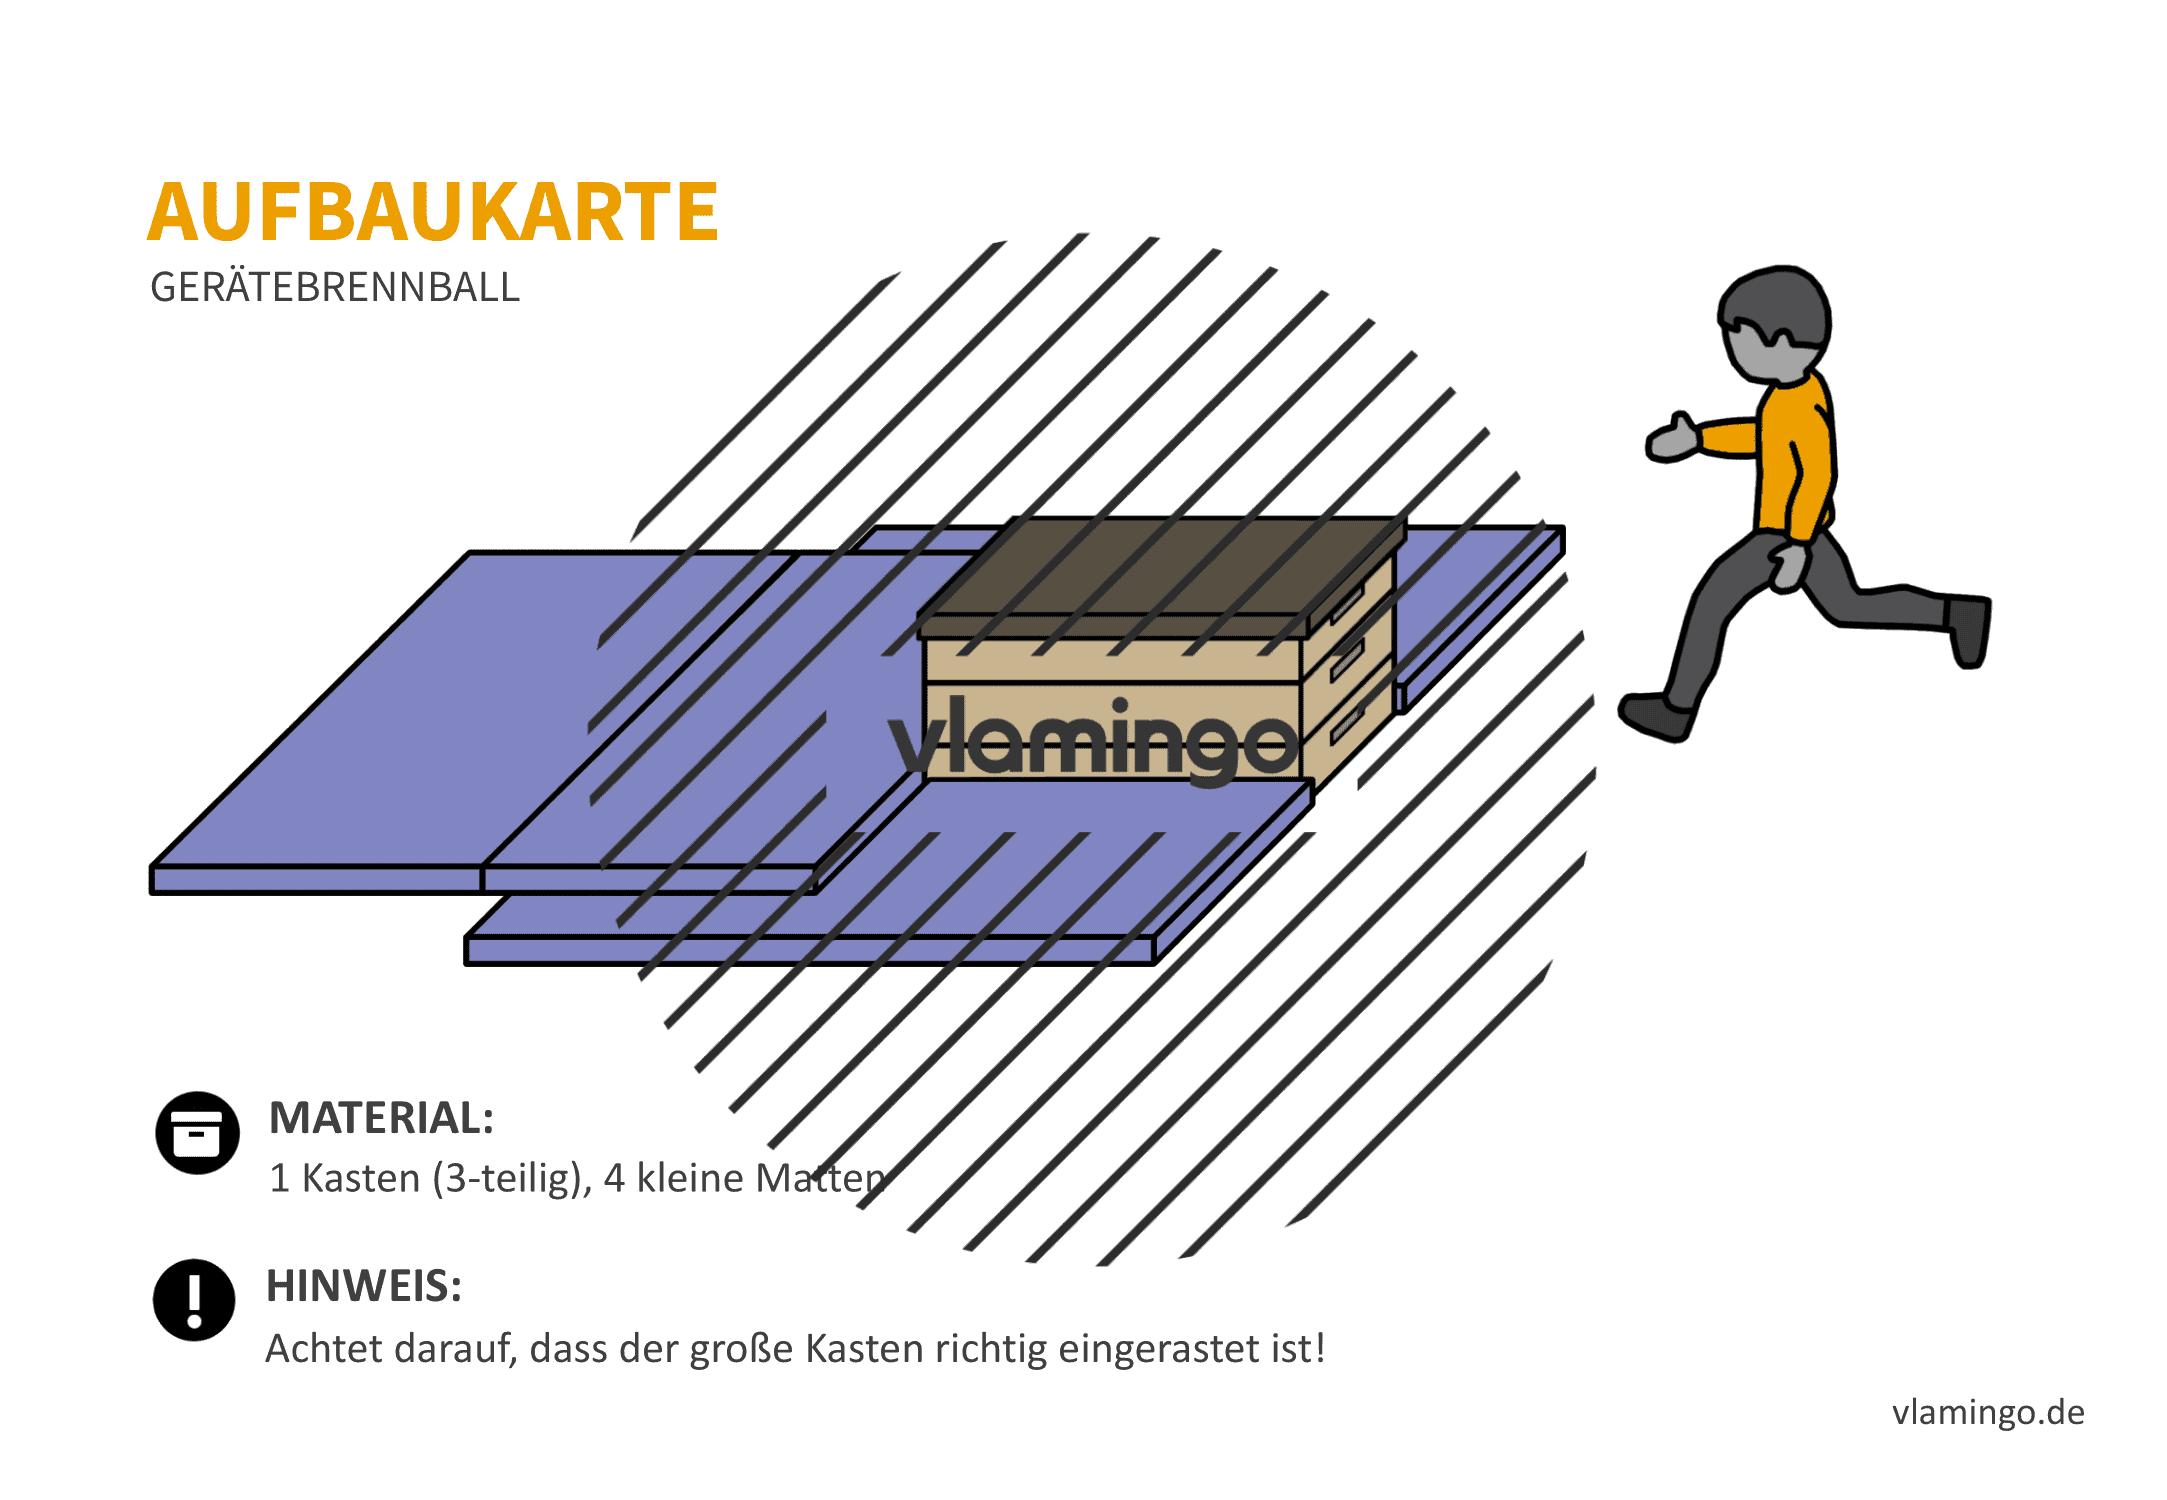 Gerätebrennball - Aufbaukarte 6